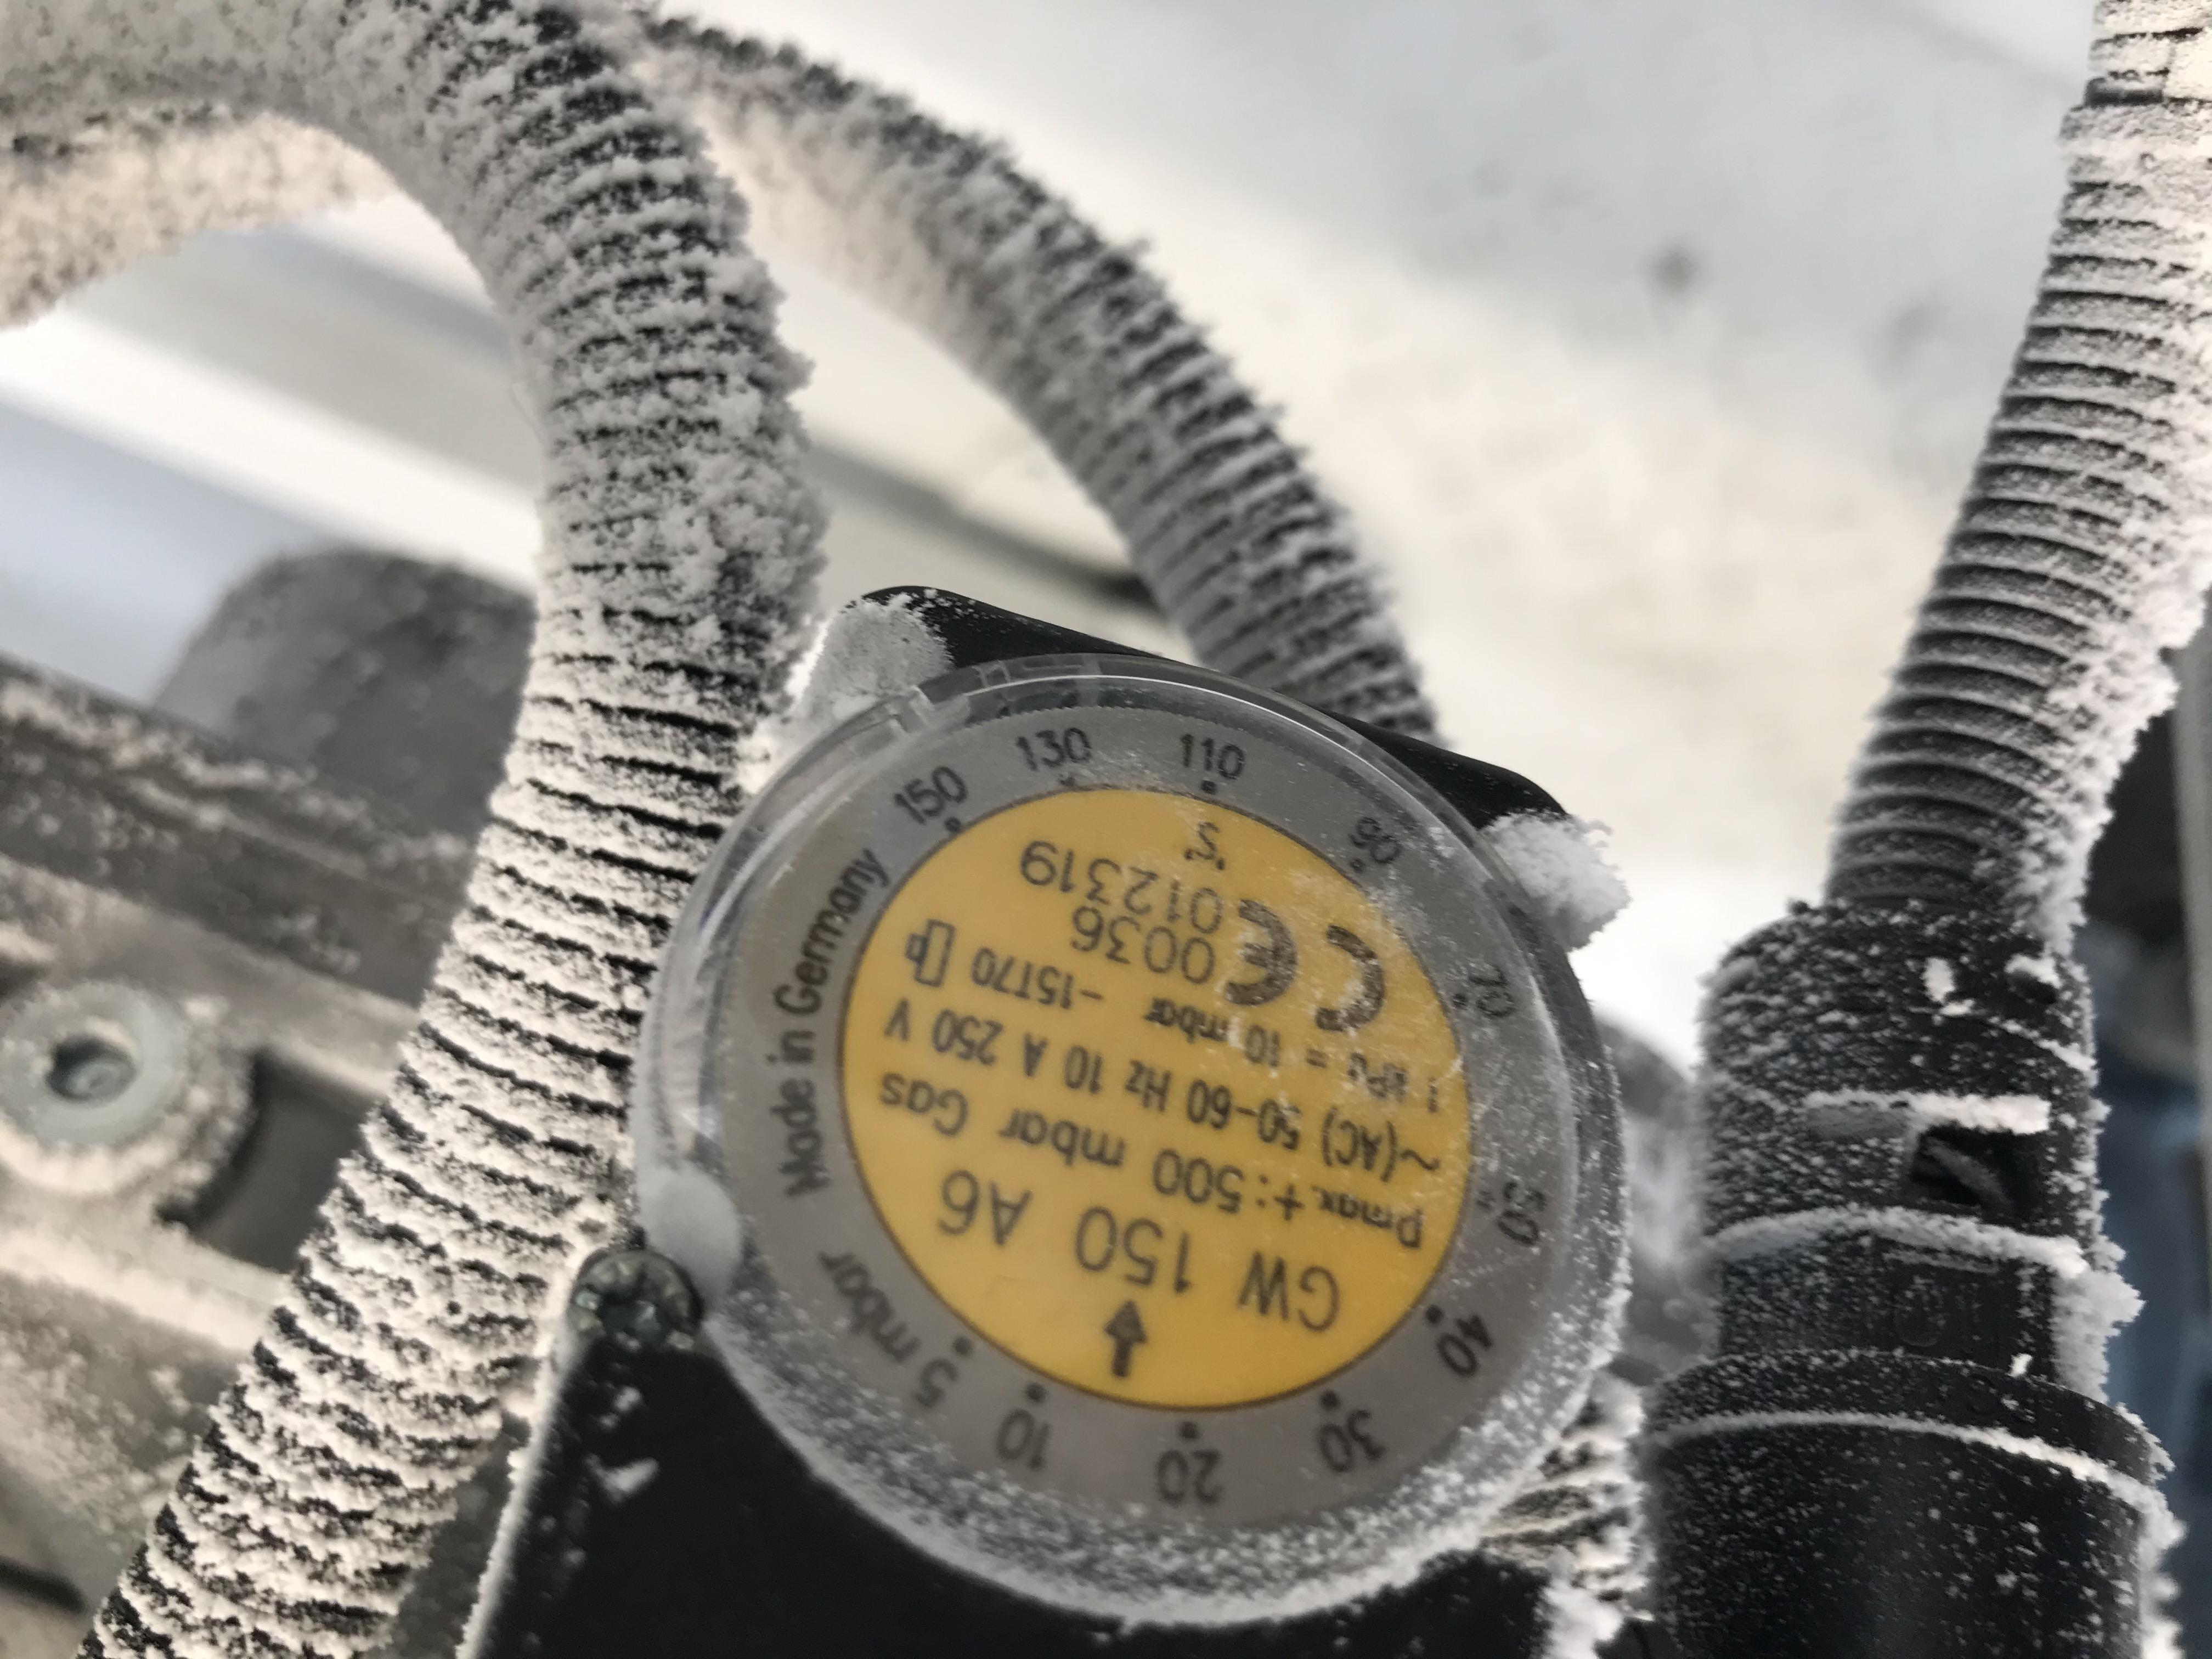 GW 150 A6  012319